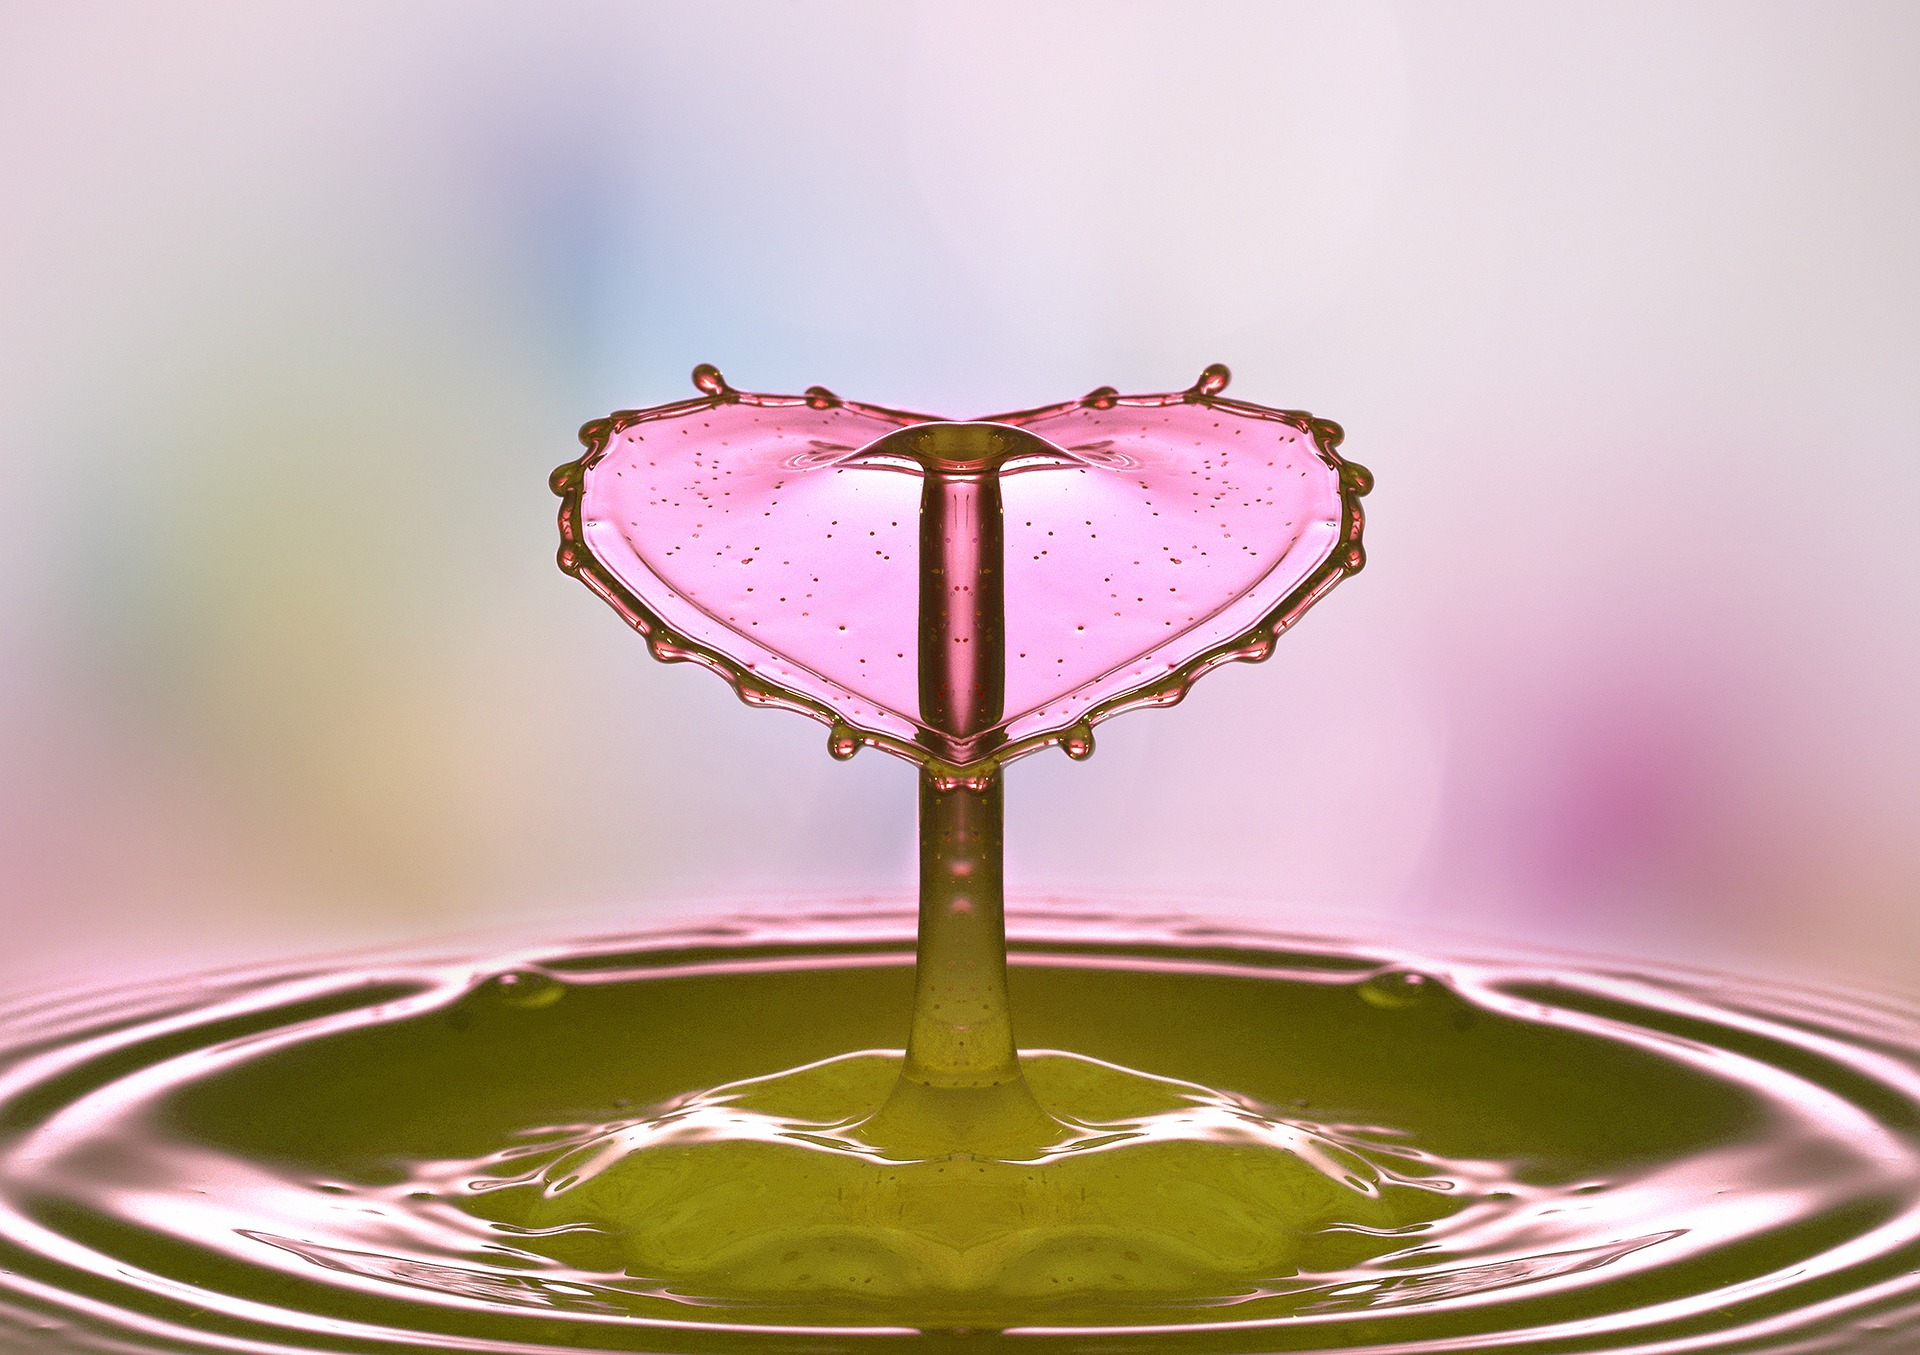 drop-of-water-2195585_1920.jpg